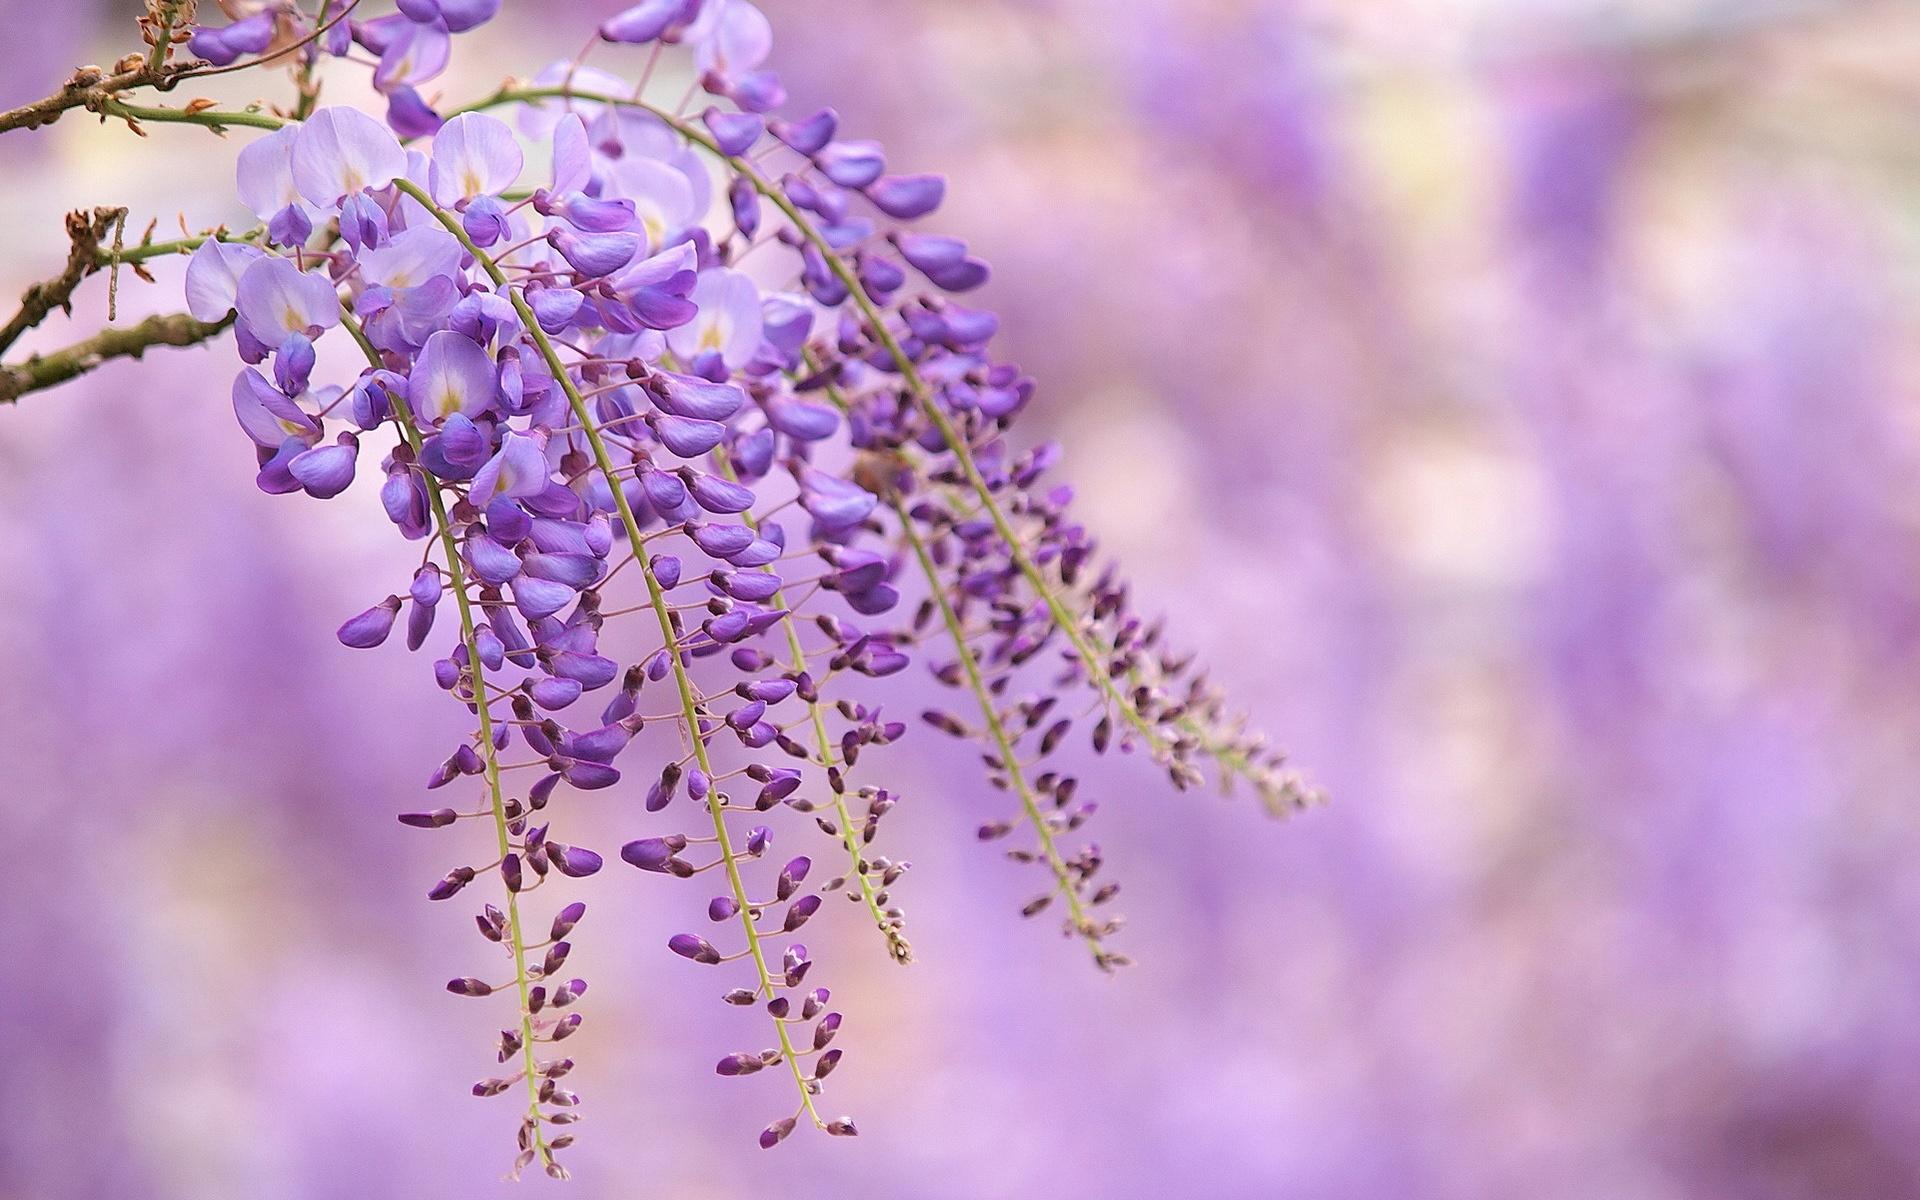 壁紙 藤紫色の花 枝 ぼかし背景 1920x1200 Hd 無料のデスクトップの